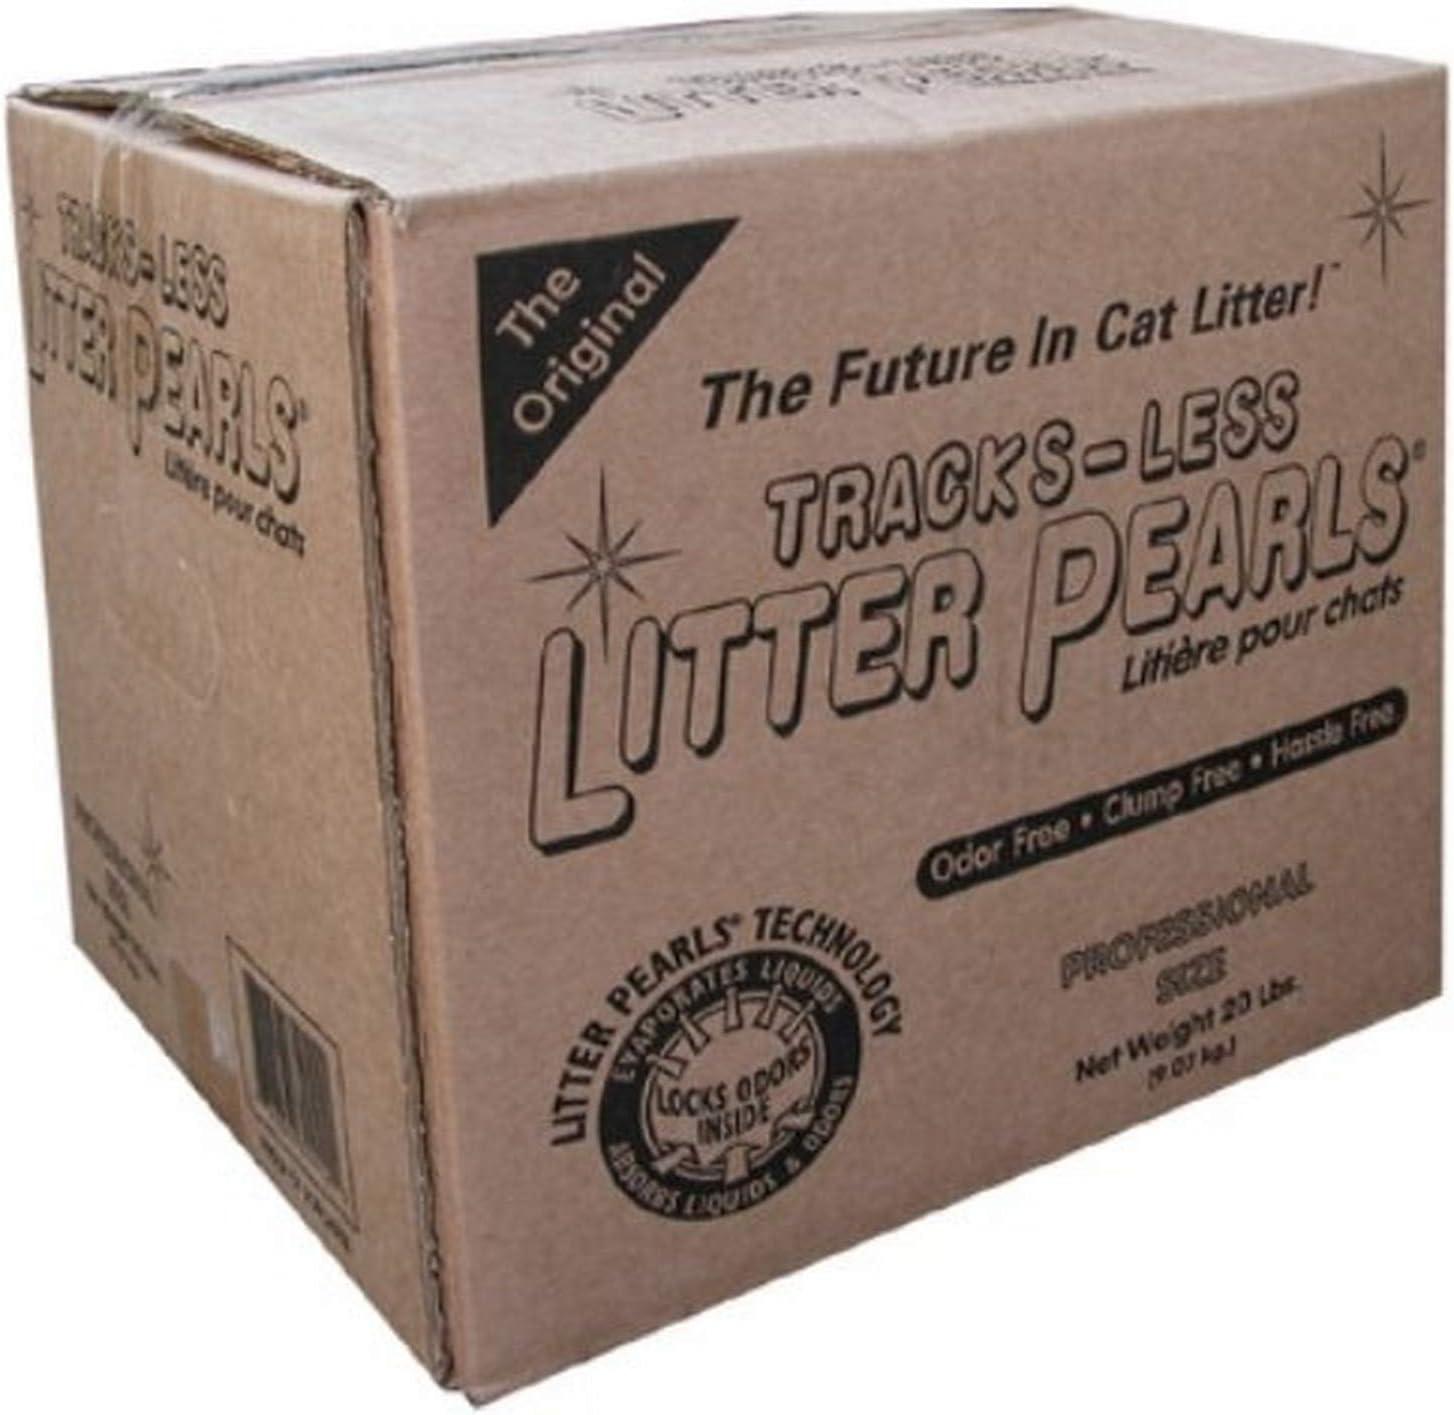 Ultra Pet Tracks-less Litter Pearls